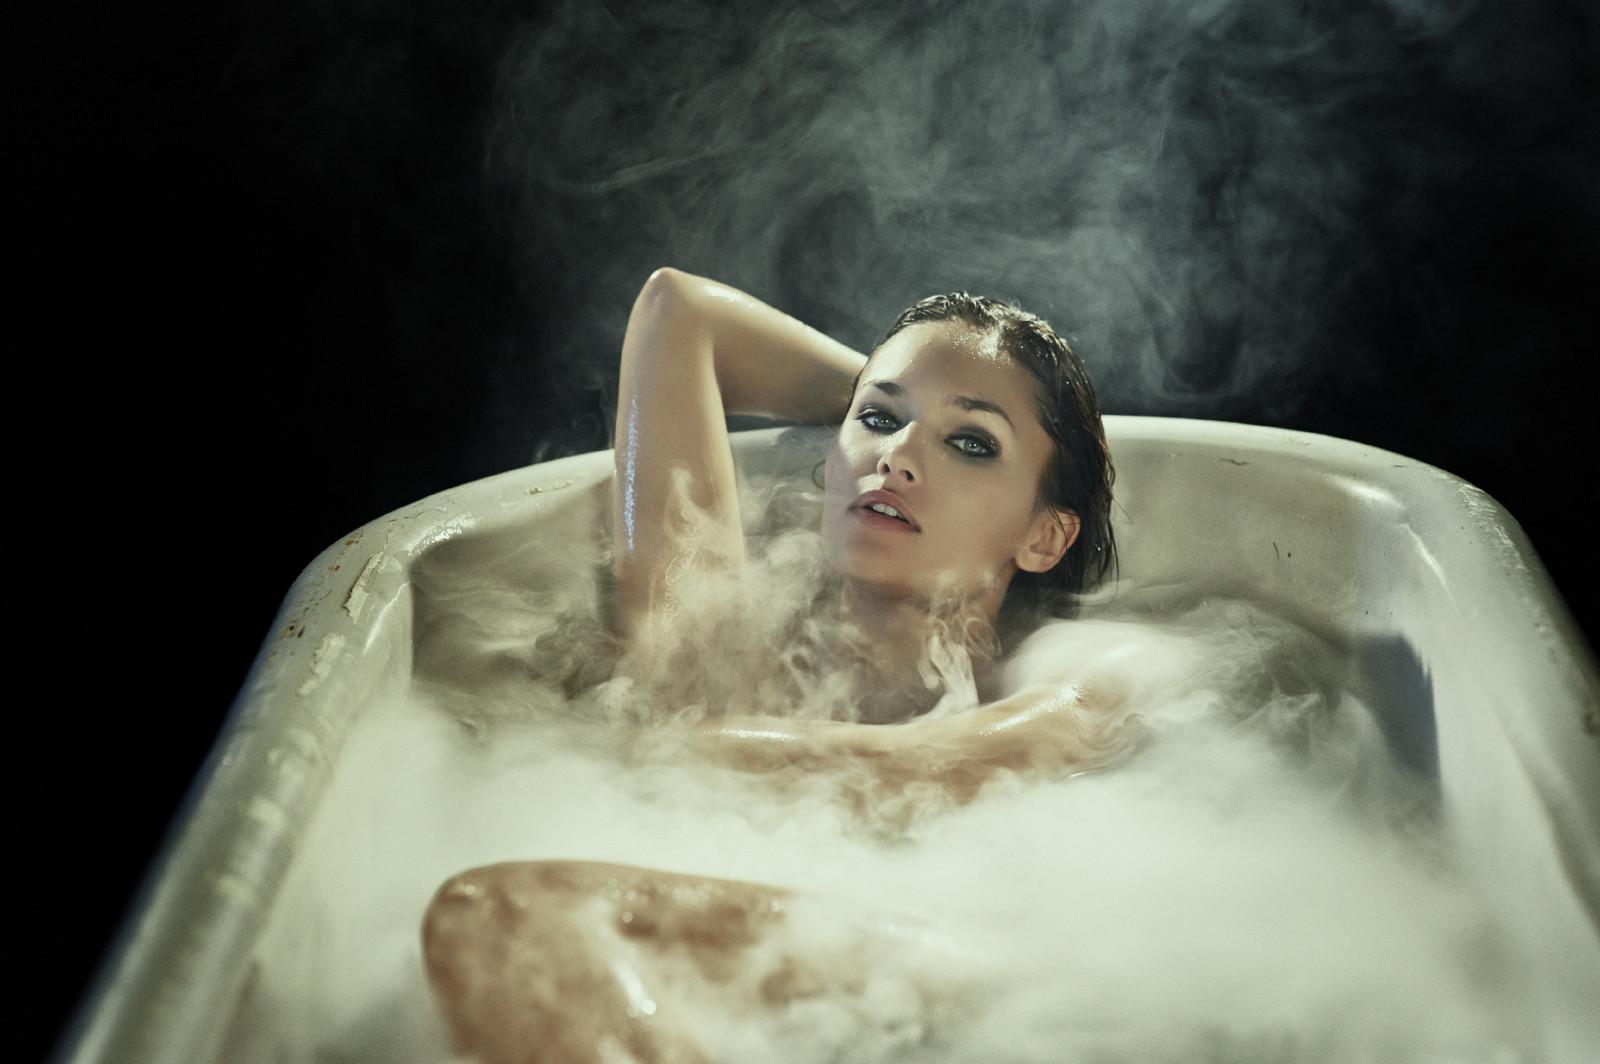 Женщина заперлась в ванной и начала, порнуха кончает телка